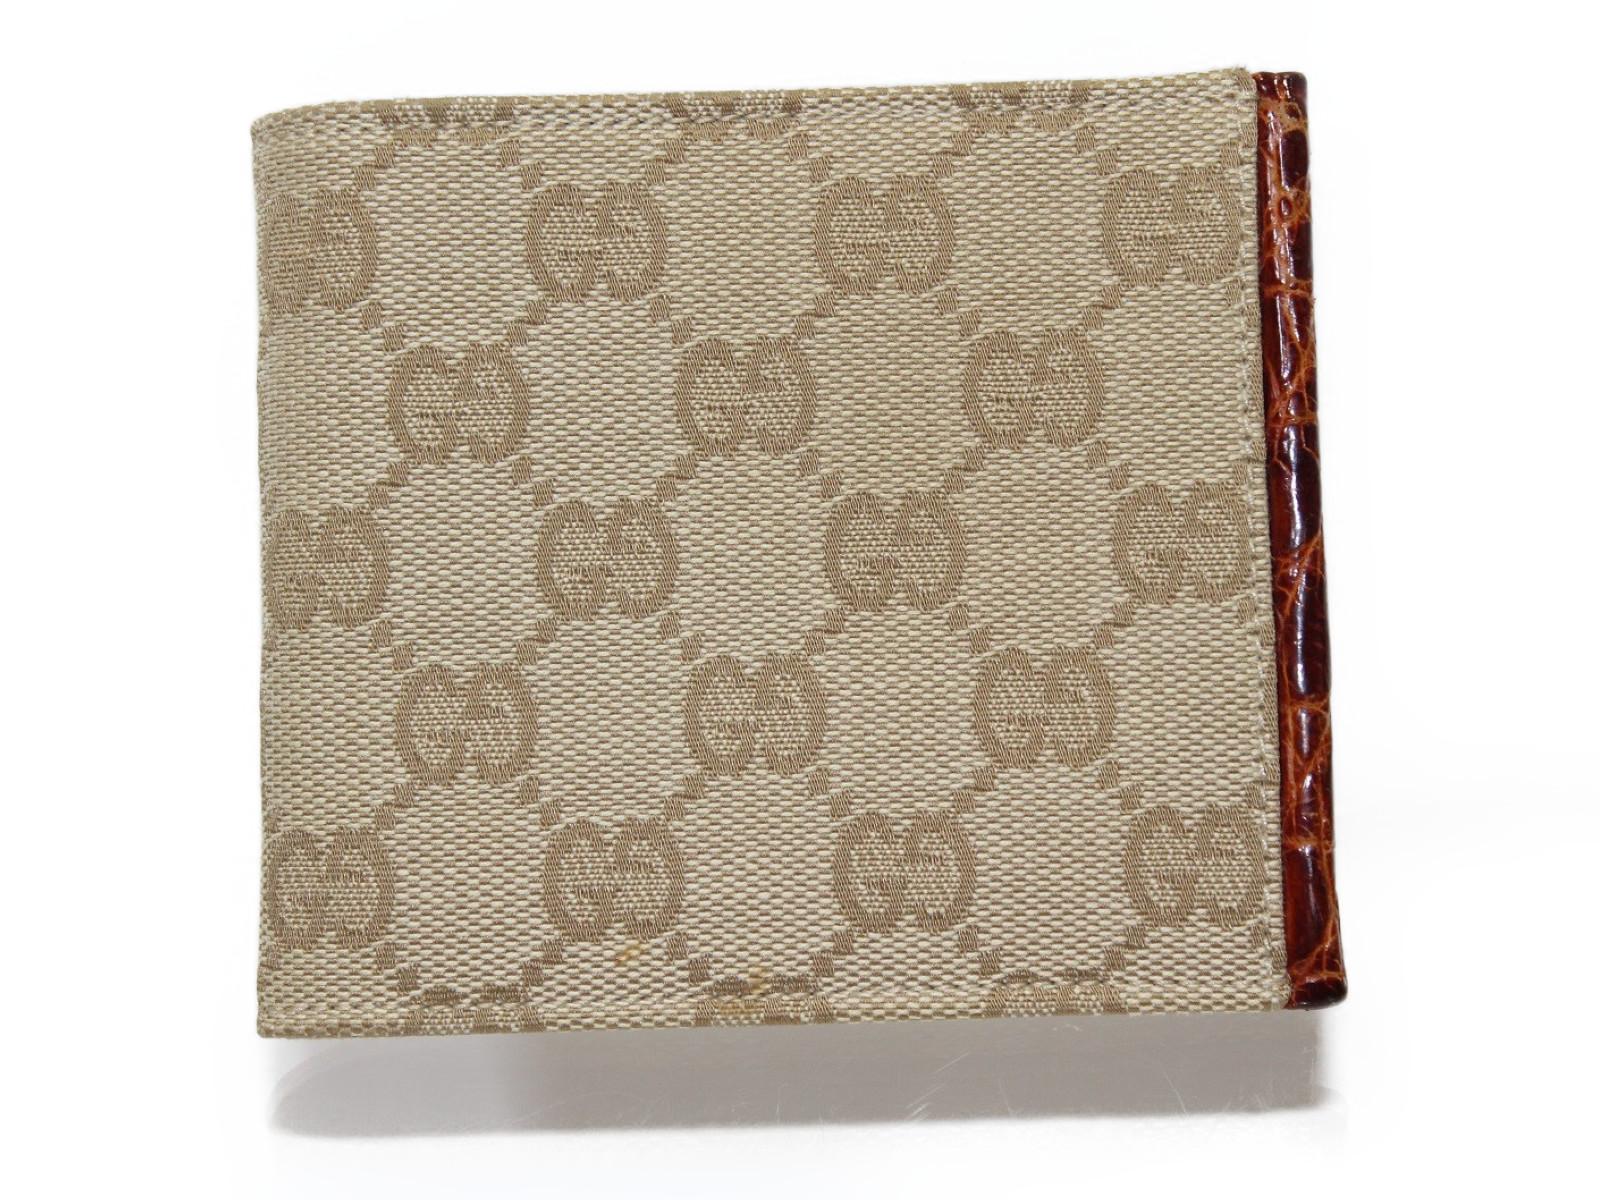 【日本製】 Gucci グッチ 124559 グッチシマ レディース 二つ折り財布 Gucci キャンバス ベージュ系 メンズ 124559 レディース ウィメンズ【中古】, 和楽器ショップ どん:f89e638c --- admin.romarizstudio.com.br